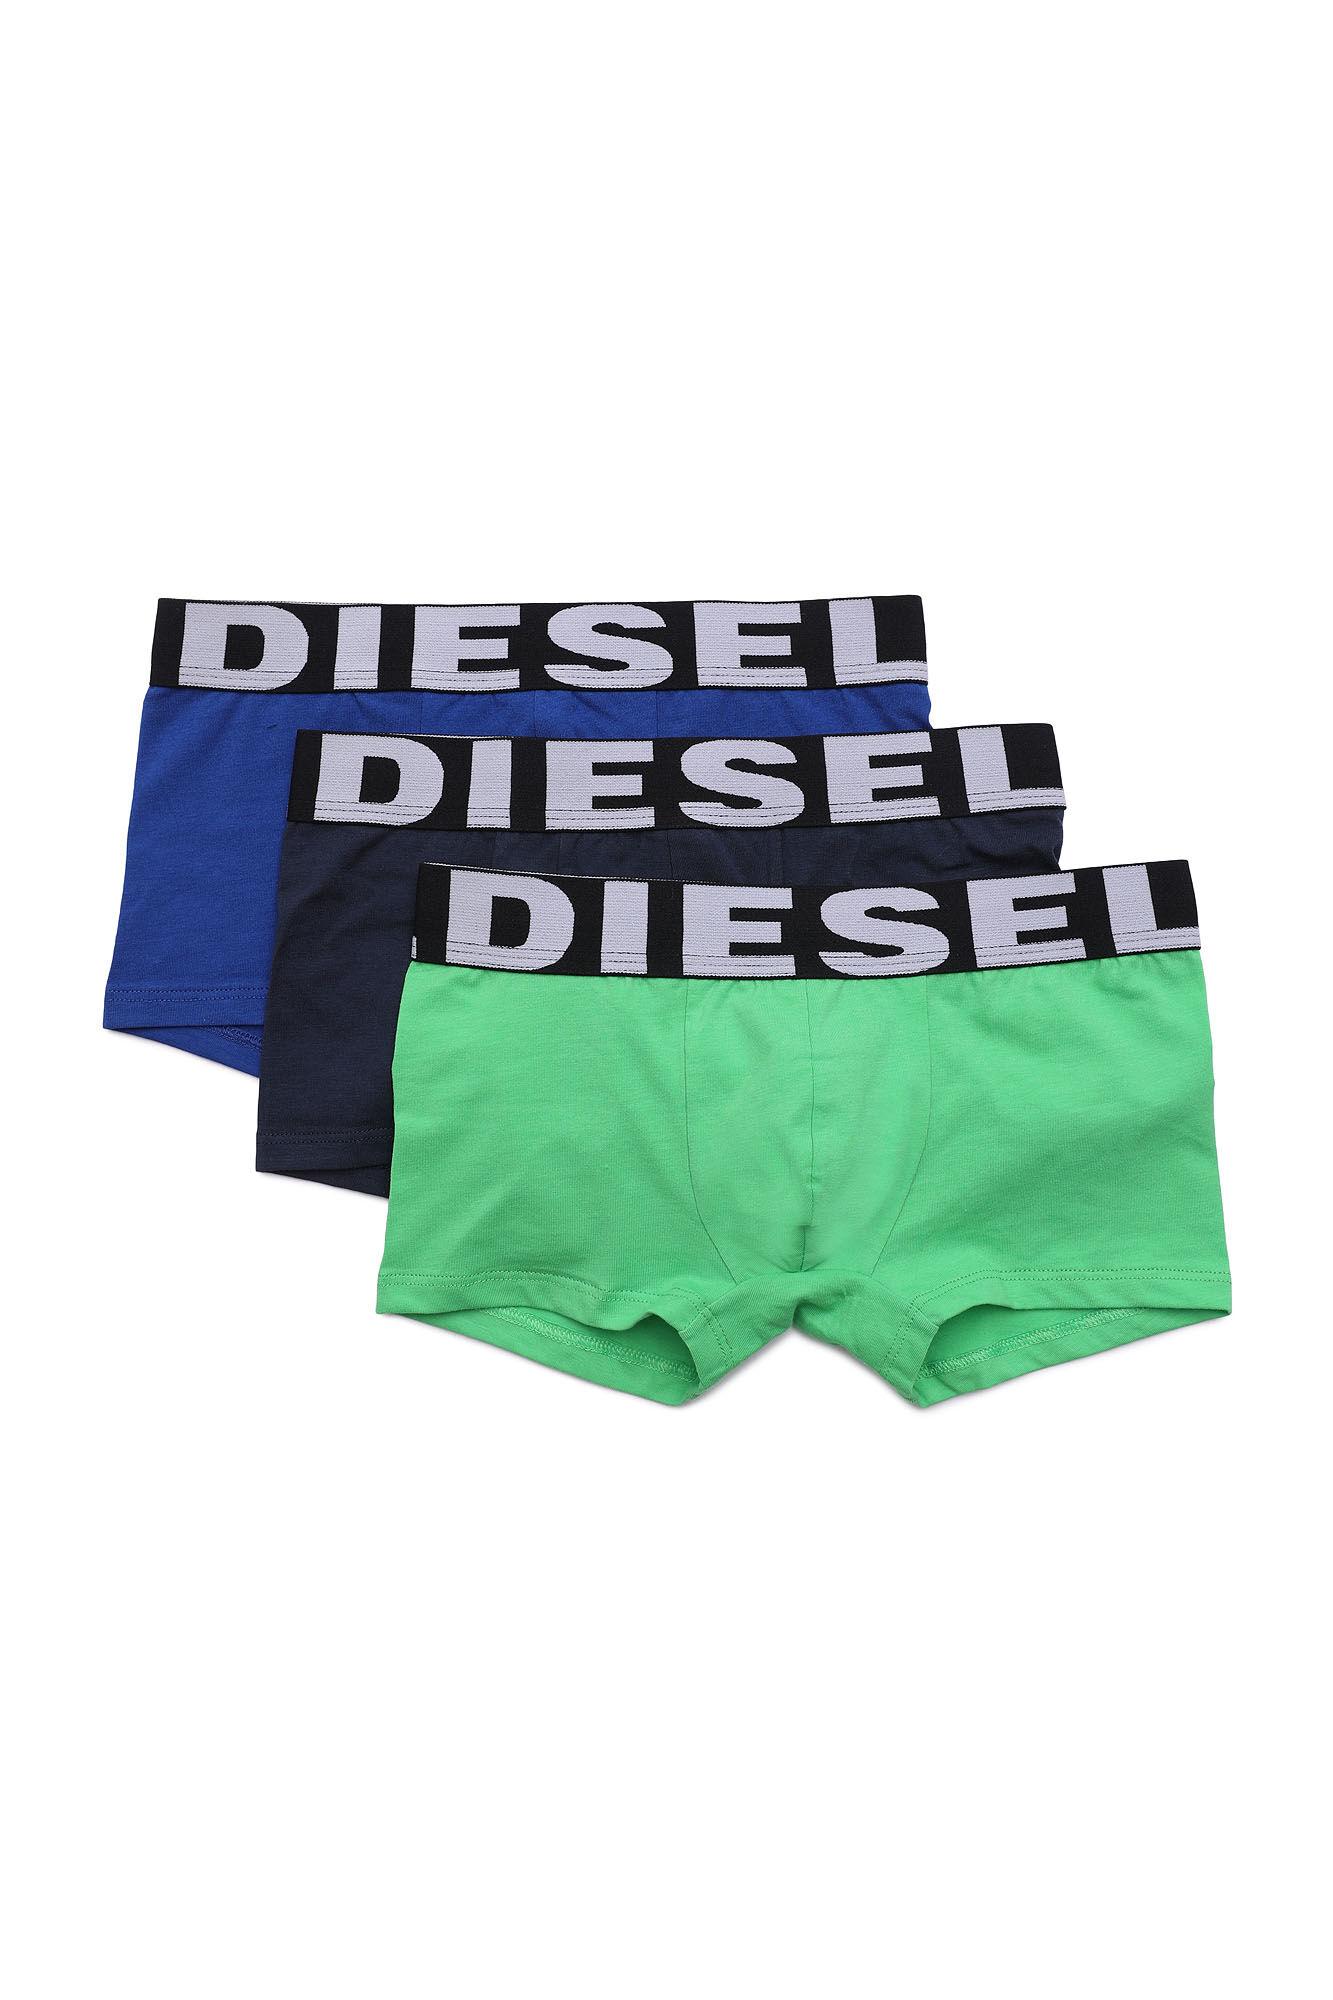 Umbx-Ushawnthreepack - Diesel Kid